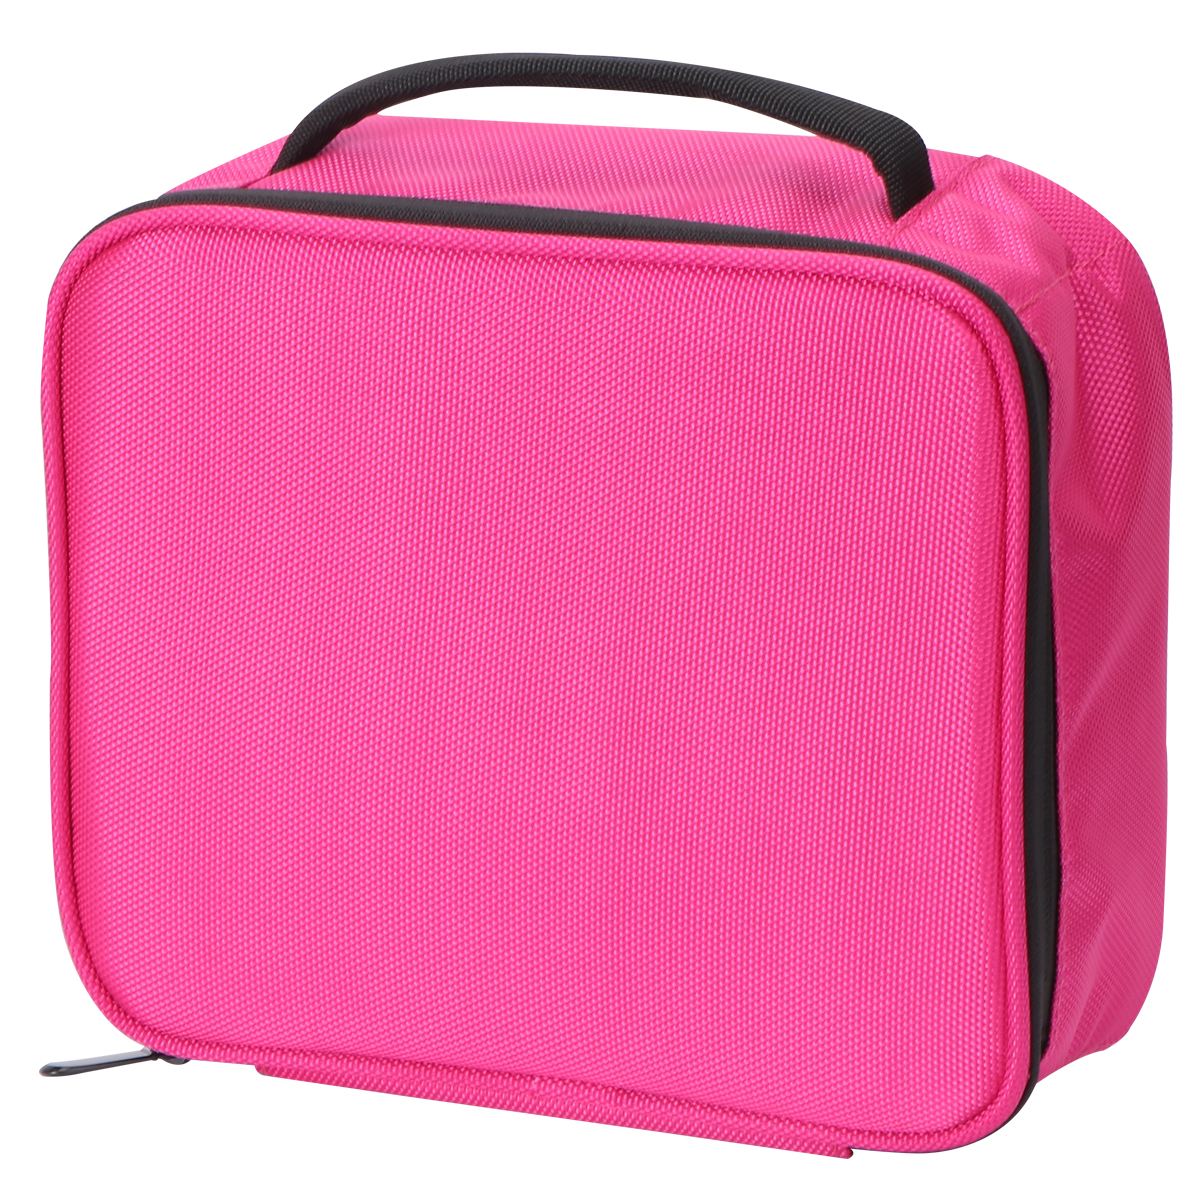 Toiletry Bag Makeup Organizer Cosmetic Bag